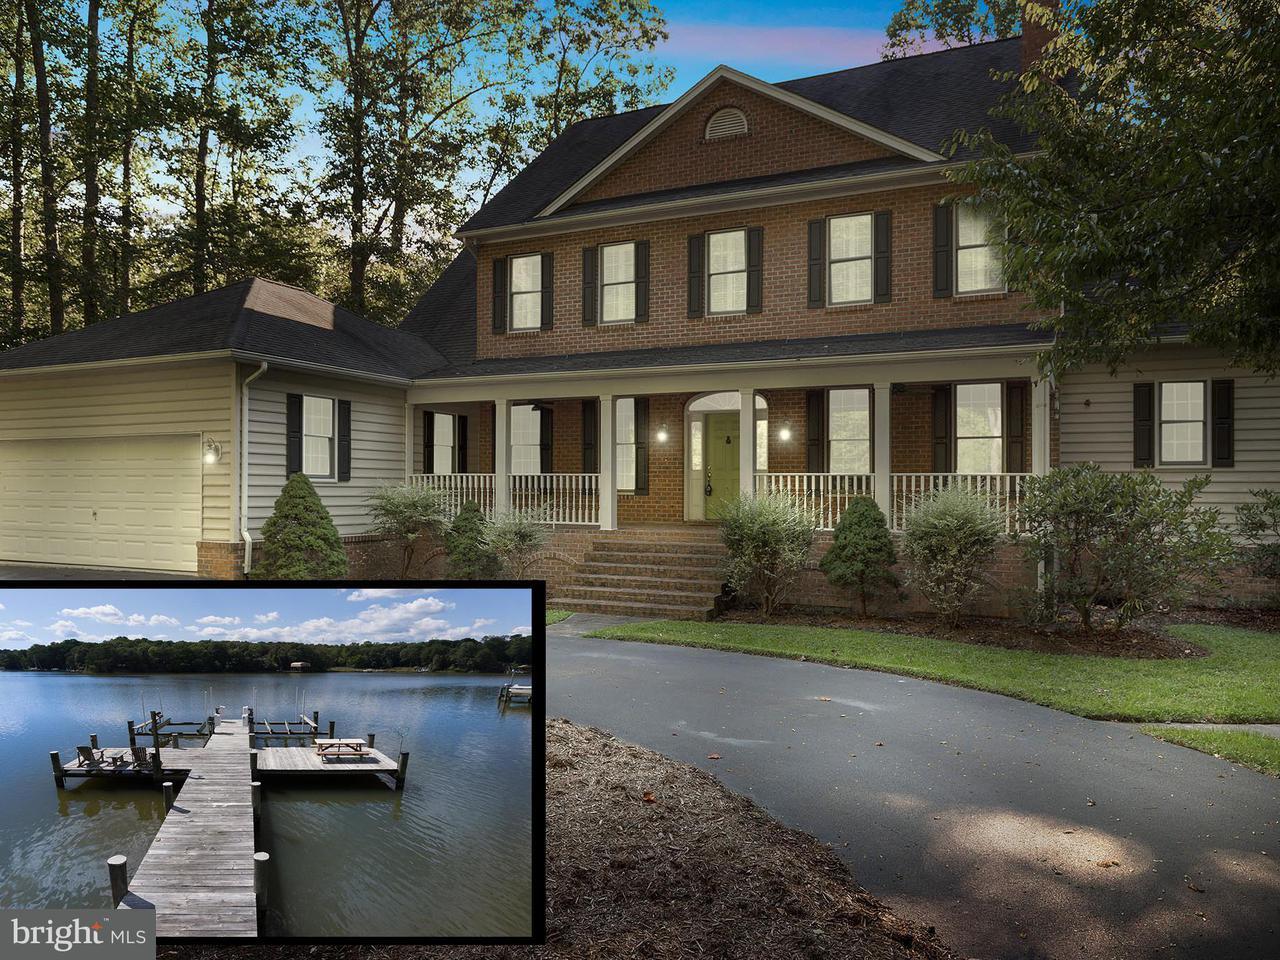 一戸建て のために 売買 アット 650 TIDEHEAD WAY 650 TIDEHEAD WAY Lusby, メリーランド 20657 アメリカ合衆国